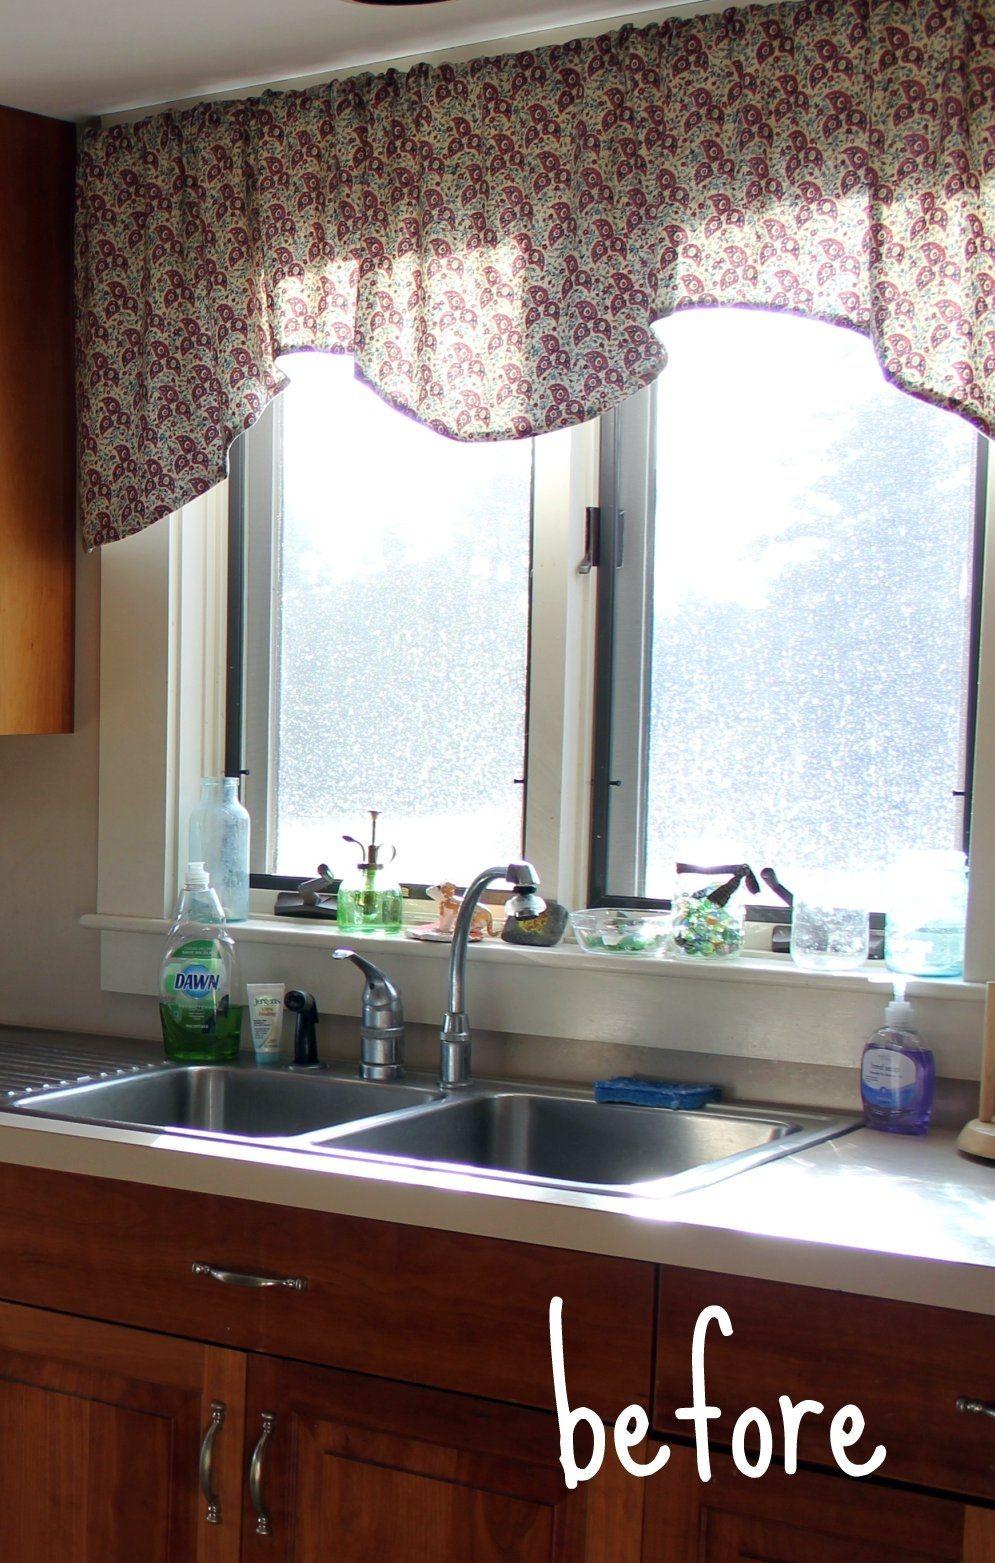 Full Size of Moderne Küchenvorhänge Sensationell Kleine Kche Vorhnge Kchenvorhnge Landhausküche Duschen Modernes Sofa Esstische Bett 180x200 Bilder Fürs Wohnzimmer Wohnzimmer Moderne Küchenvorhänge